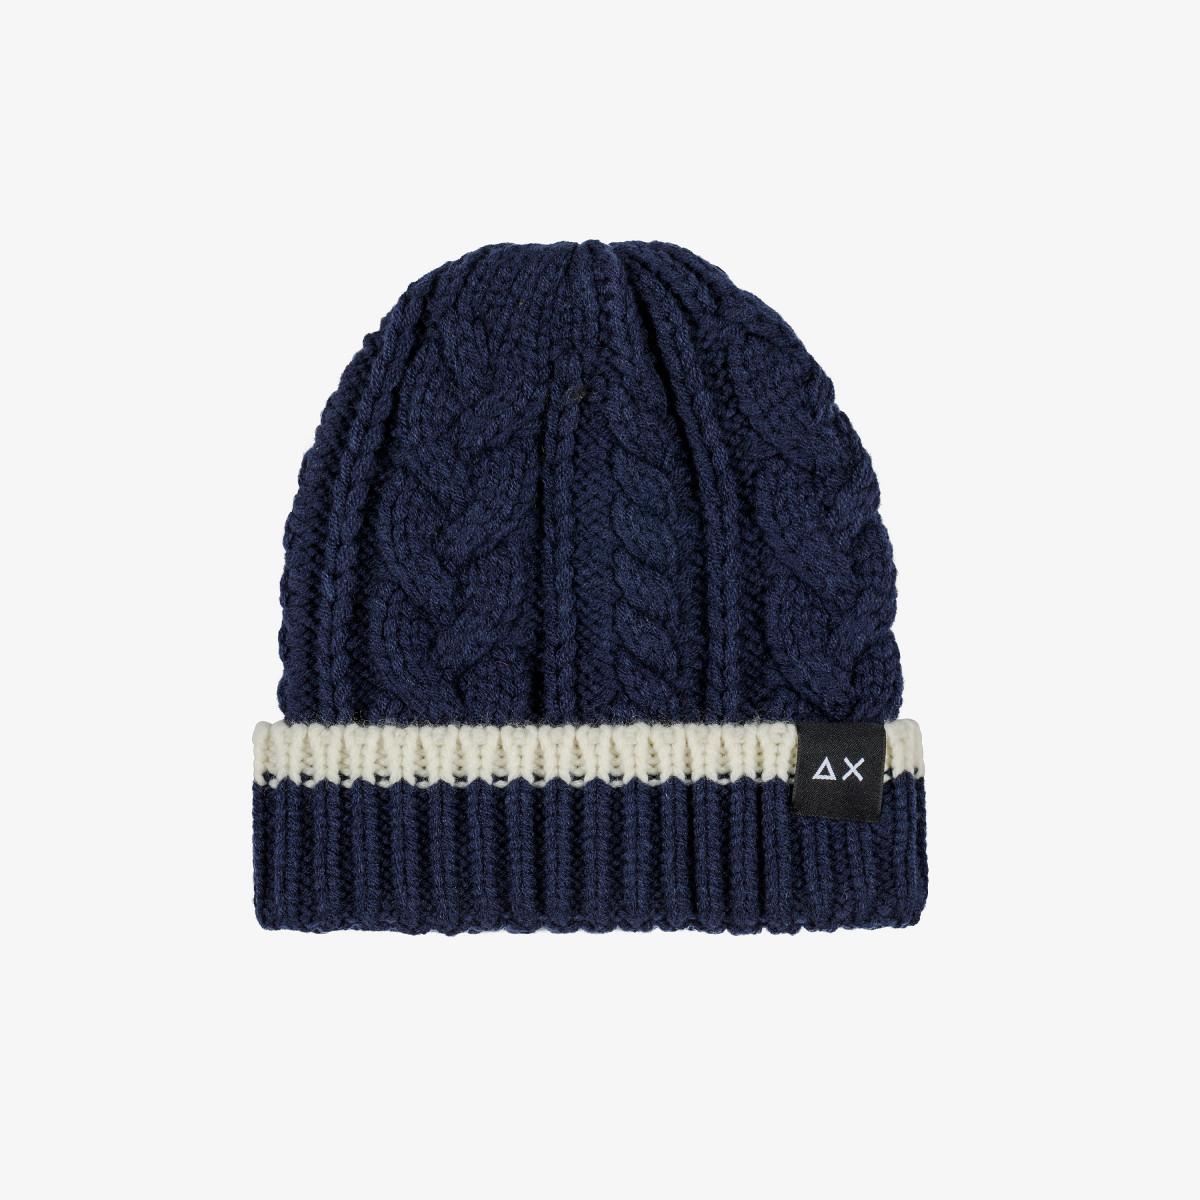 BOY'S CAP CABLE NAVY BLUE